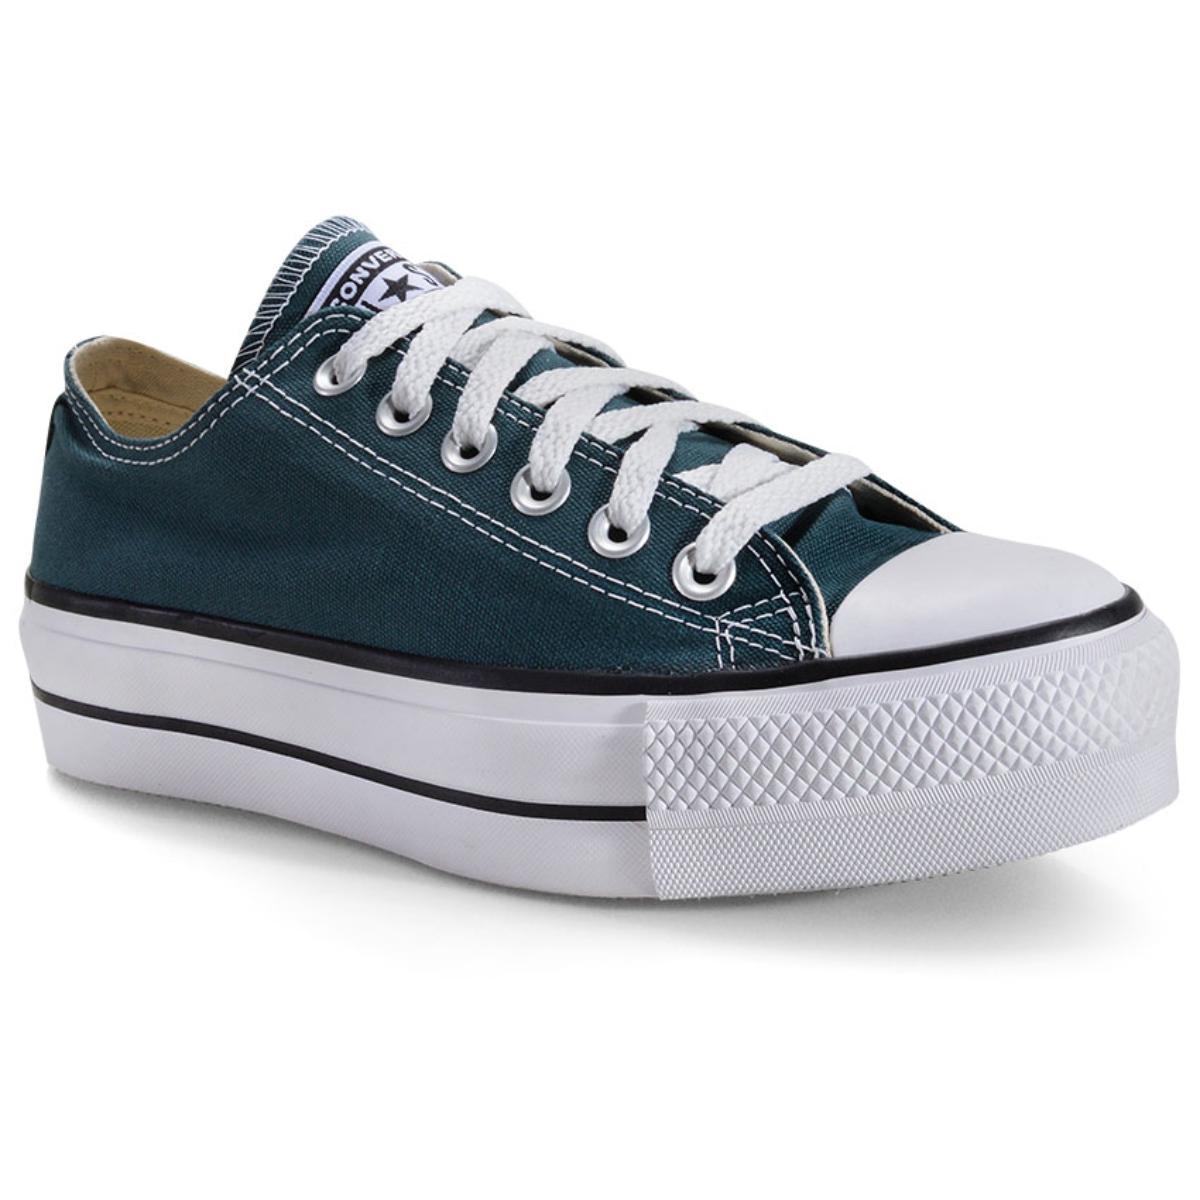 Tênis Feminino All Star Ct09630020 Verde Escuro/preto/branco